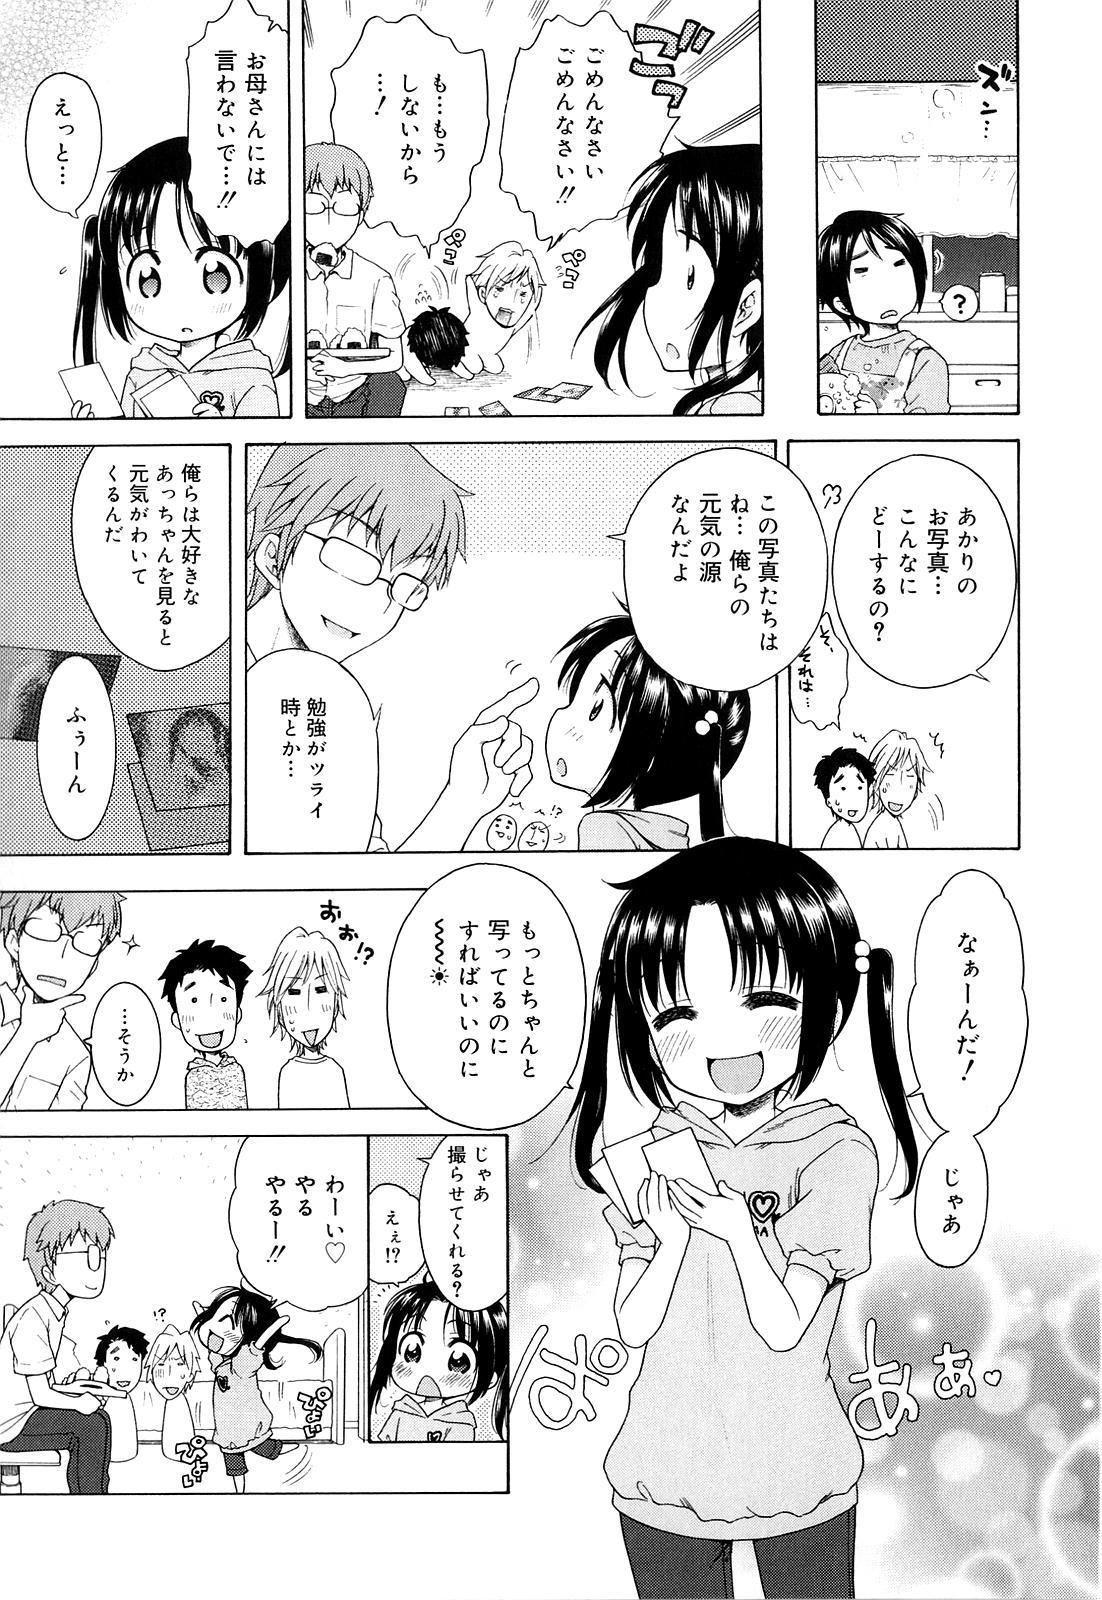 Tsukimisou no Akari 12